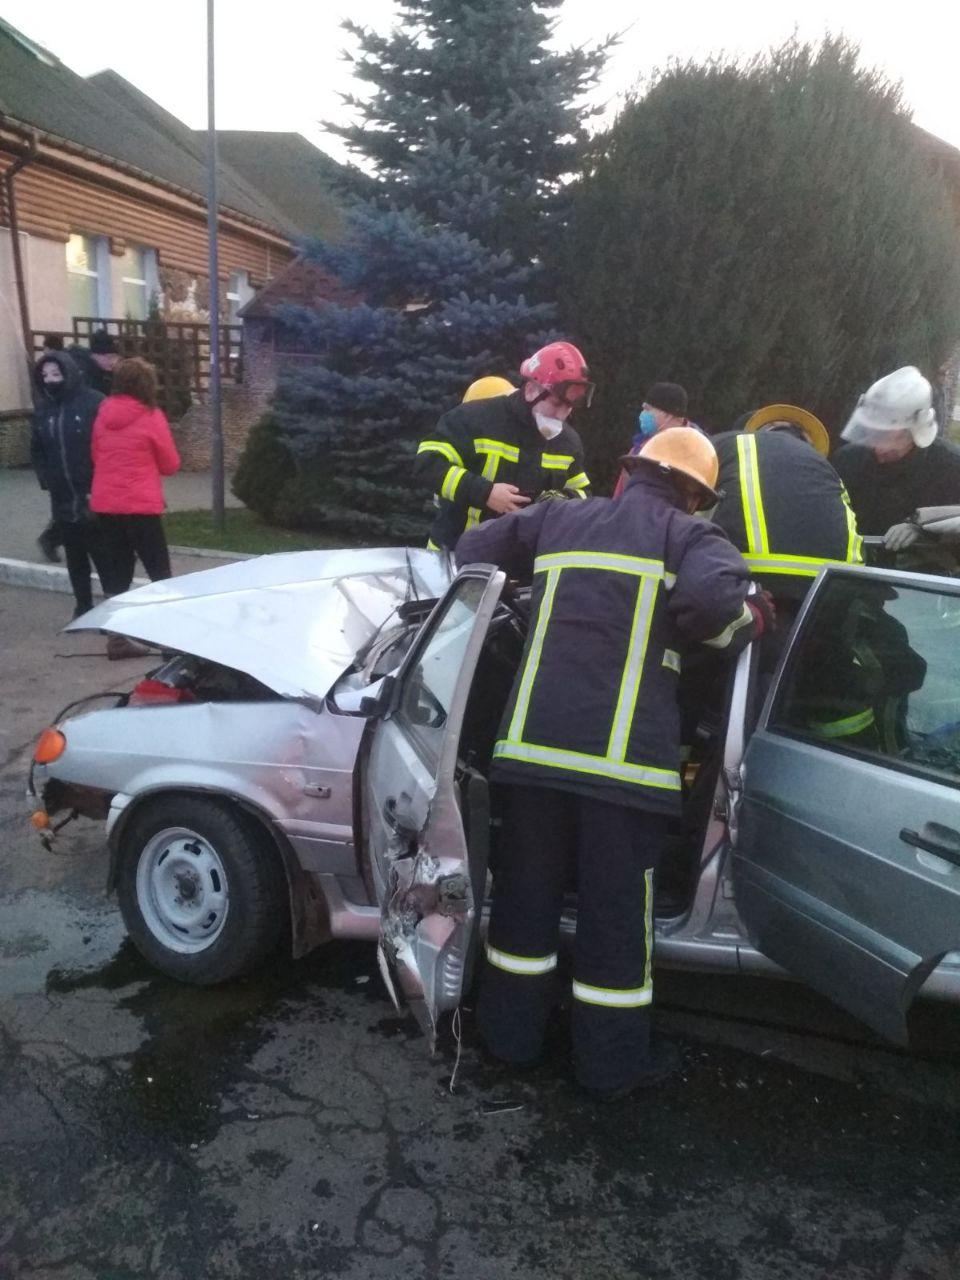 Волинські рятувальники допомогли вибратися з авто чоловіку, який постраждав внаслідок ДТП